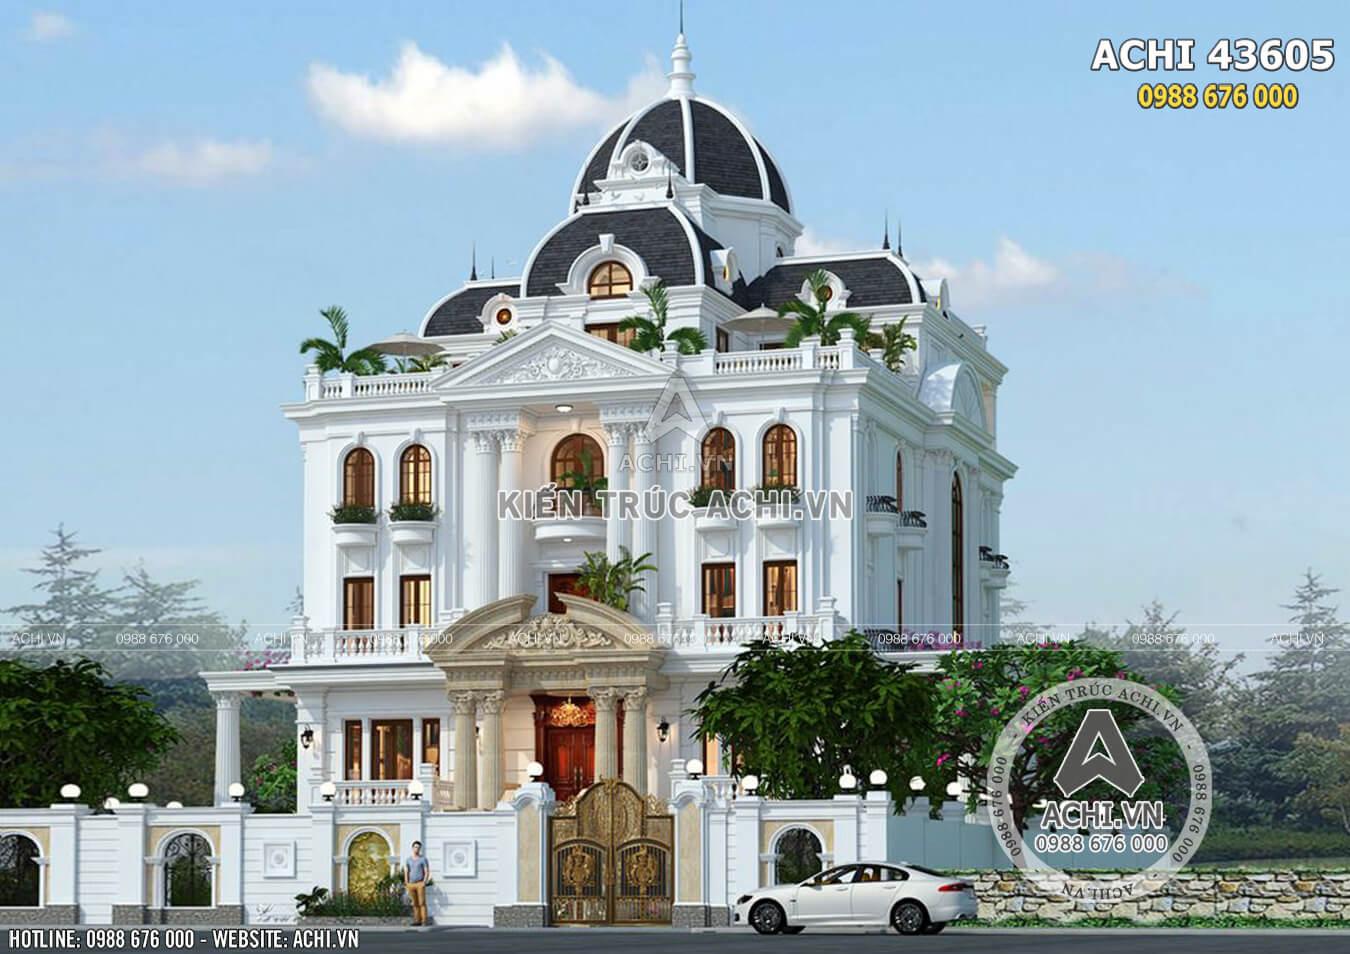 Ngôi biệt thự 3 tầng phong cách tân cổ điển sang trọng